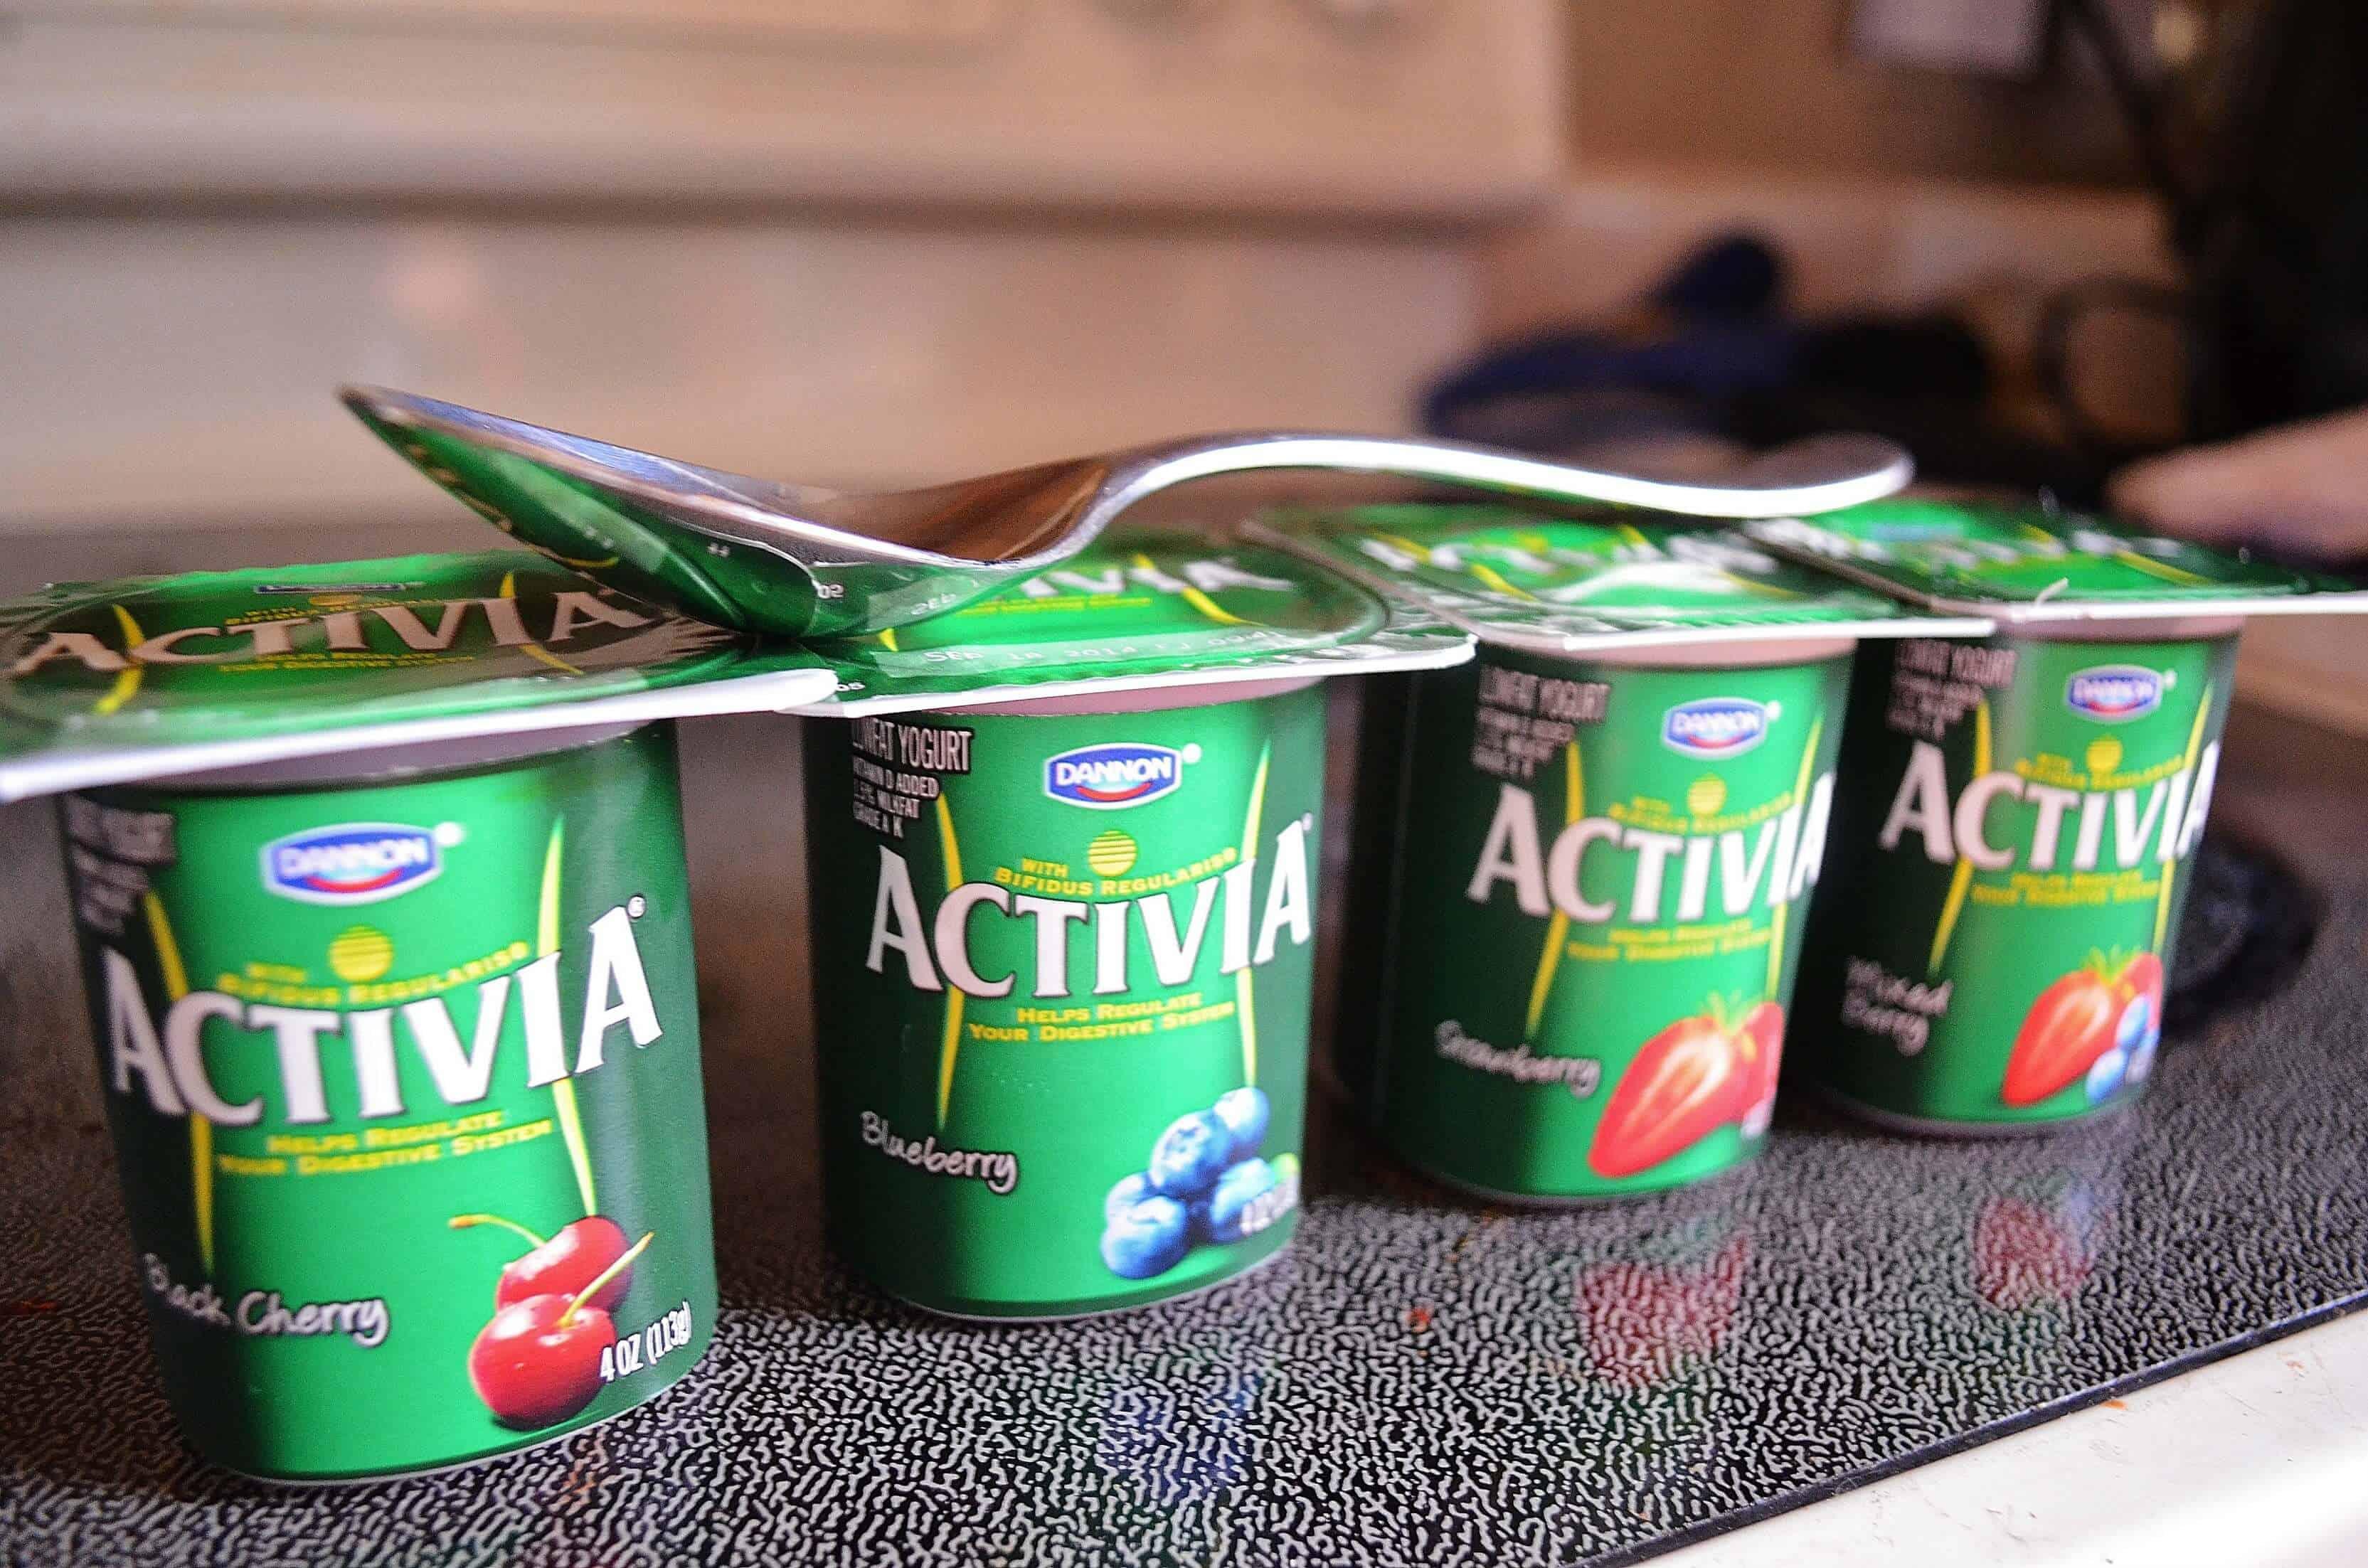 Activia Ingredients